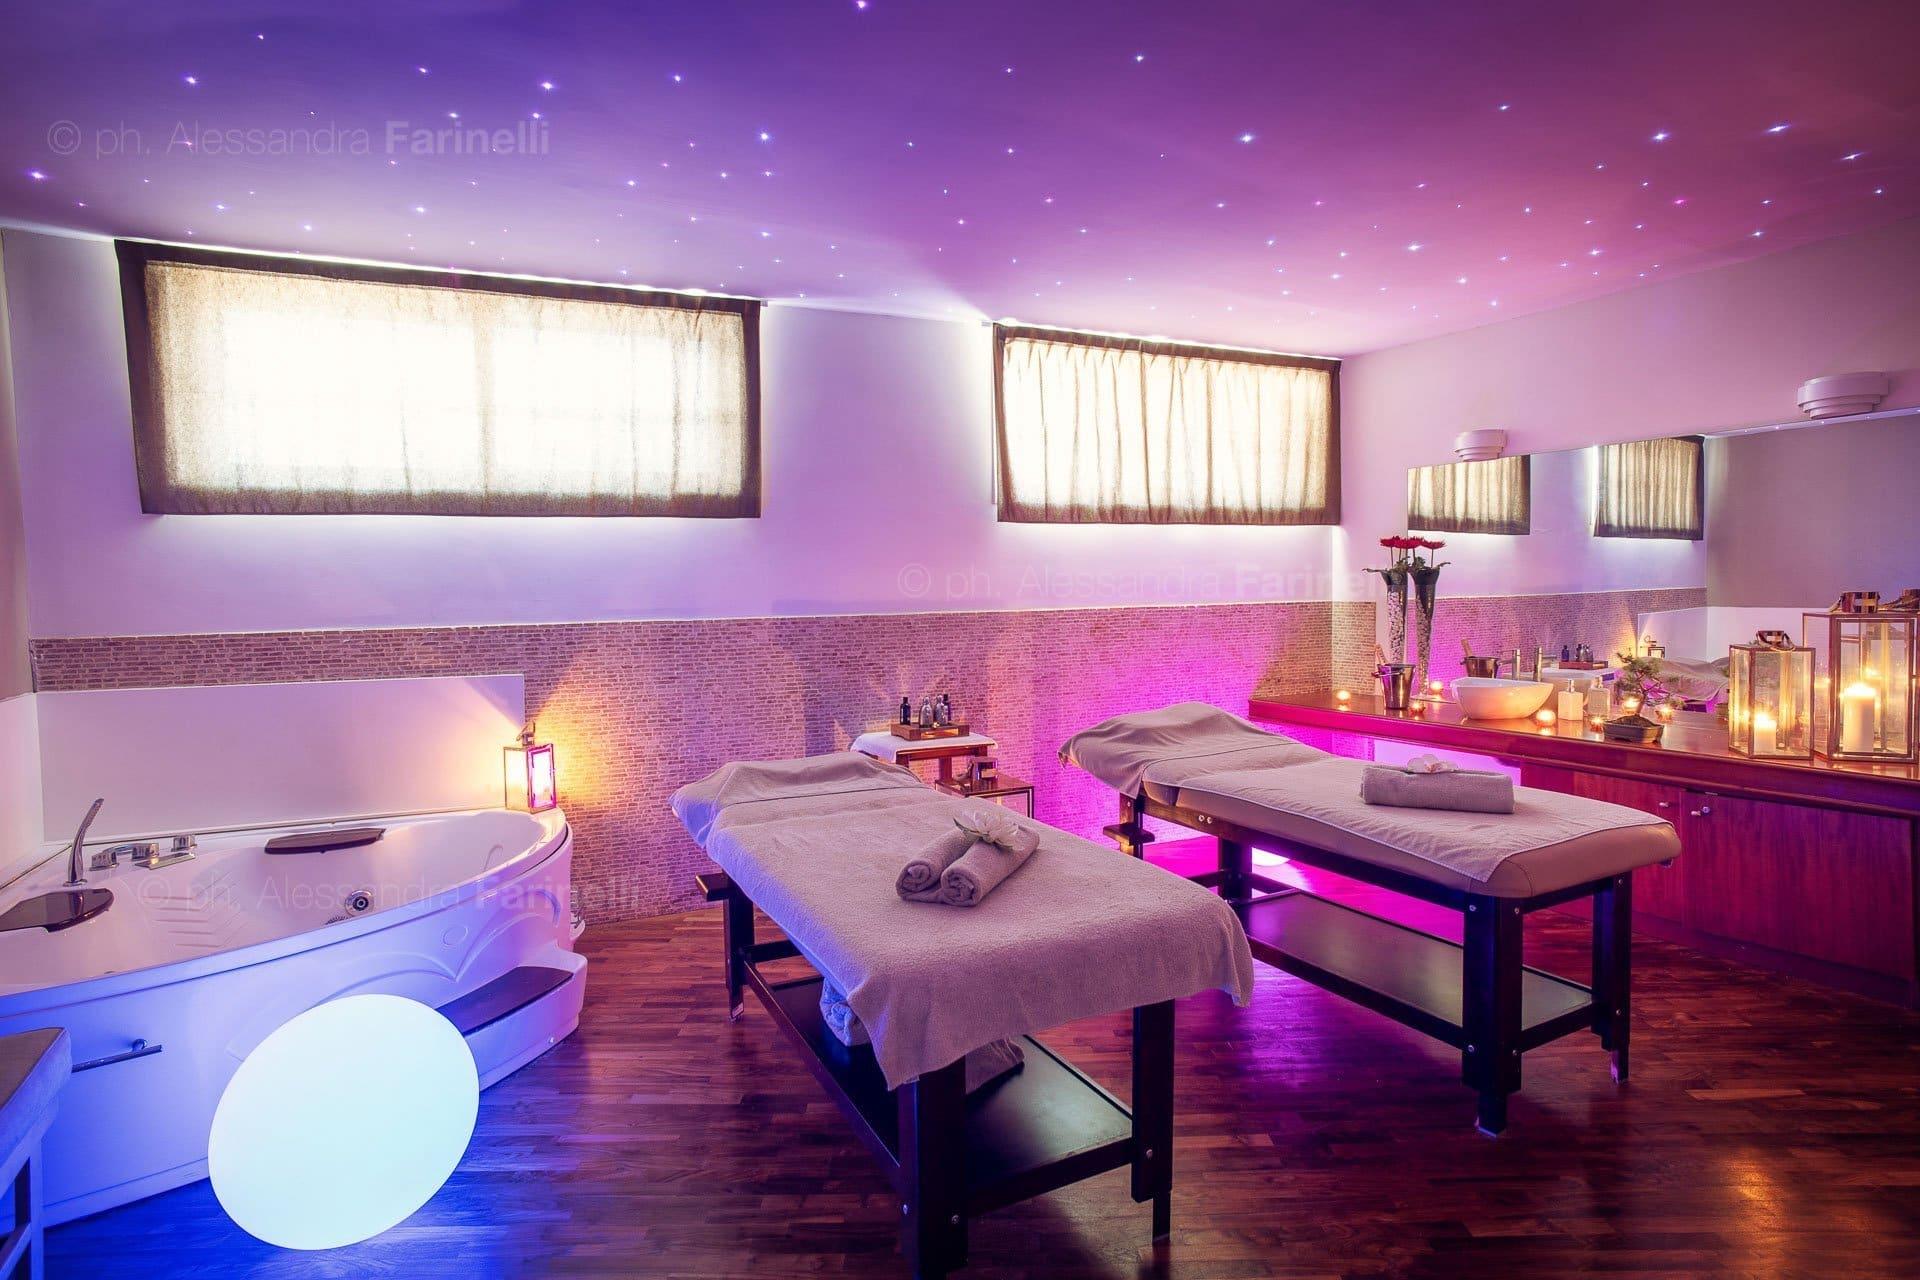 Foto sala massaggio